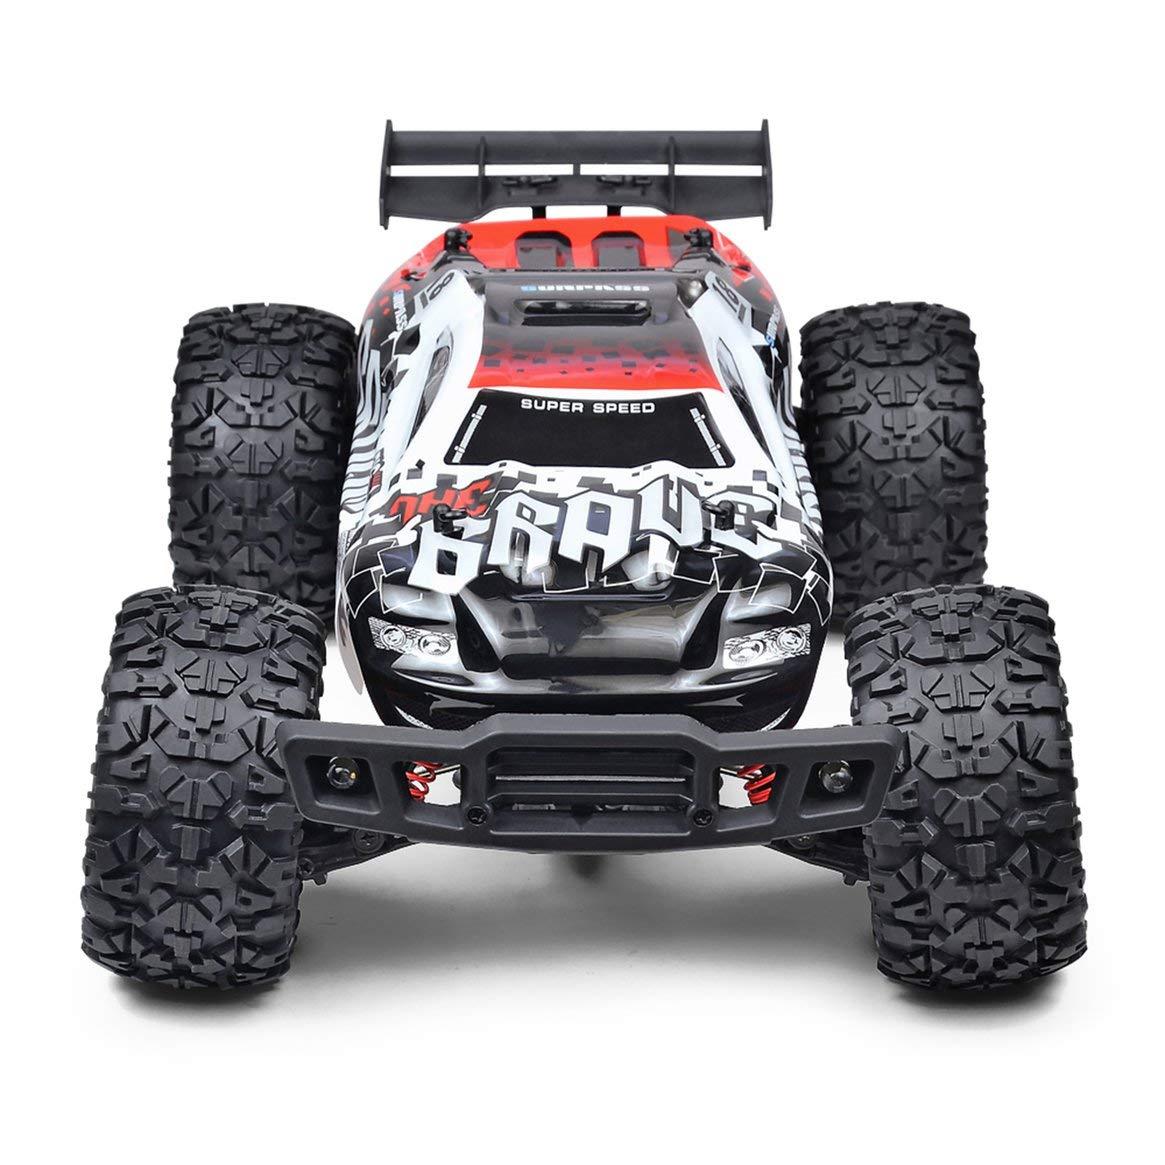 Delicacydex Thunder wasserdicht Offroad-Fahrzeug 1:12 Allradantrieb High-Speed-Modellauto - Weiß